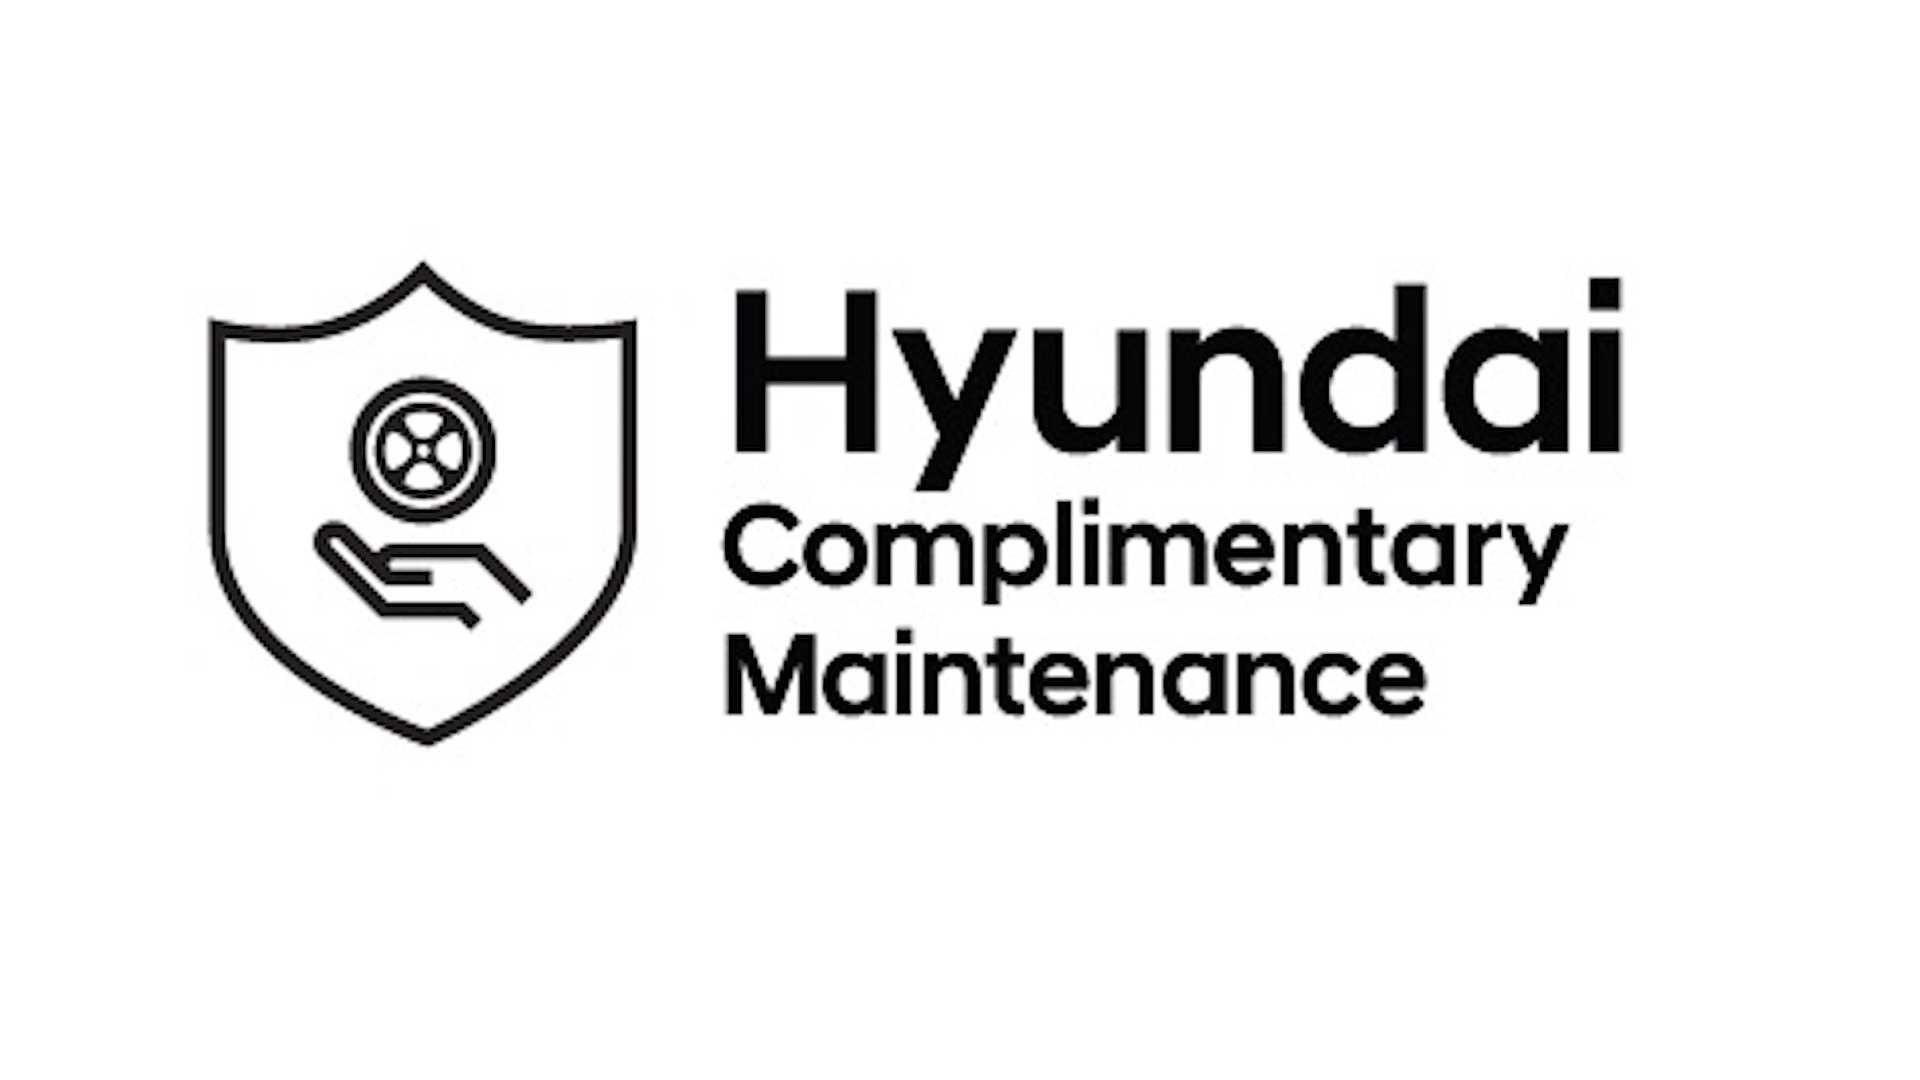 Hyundai's Warranty Adds 3 Years of Free Maintenance